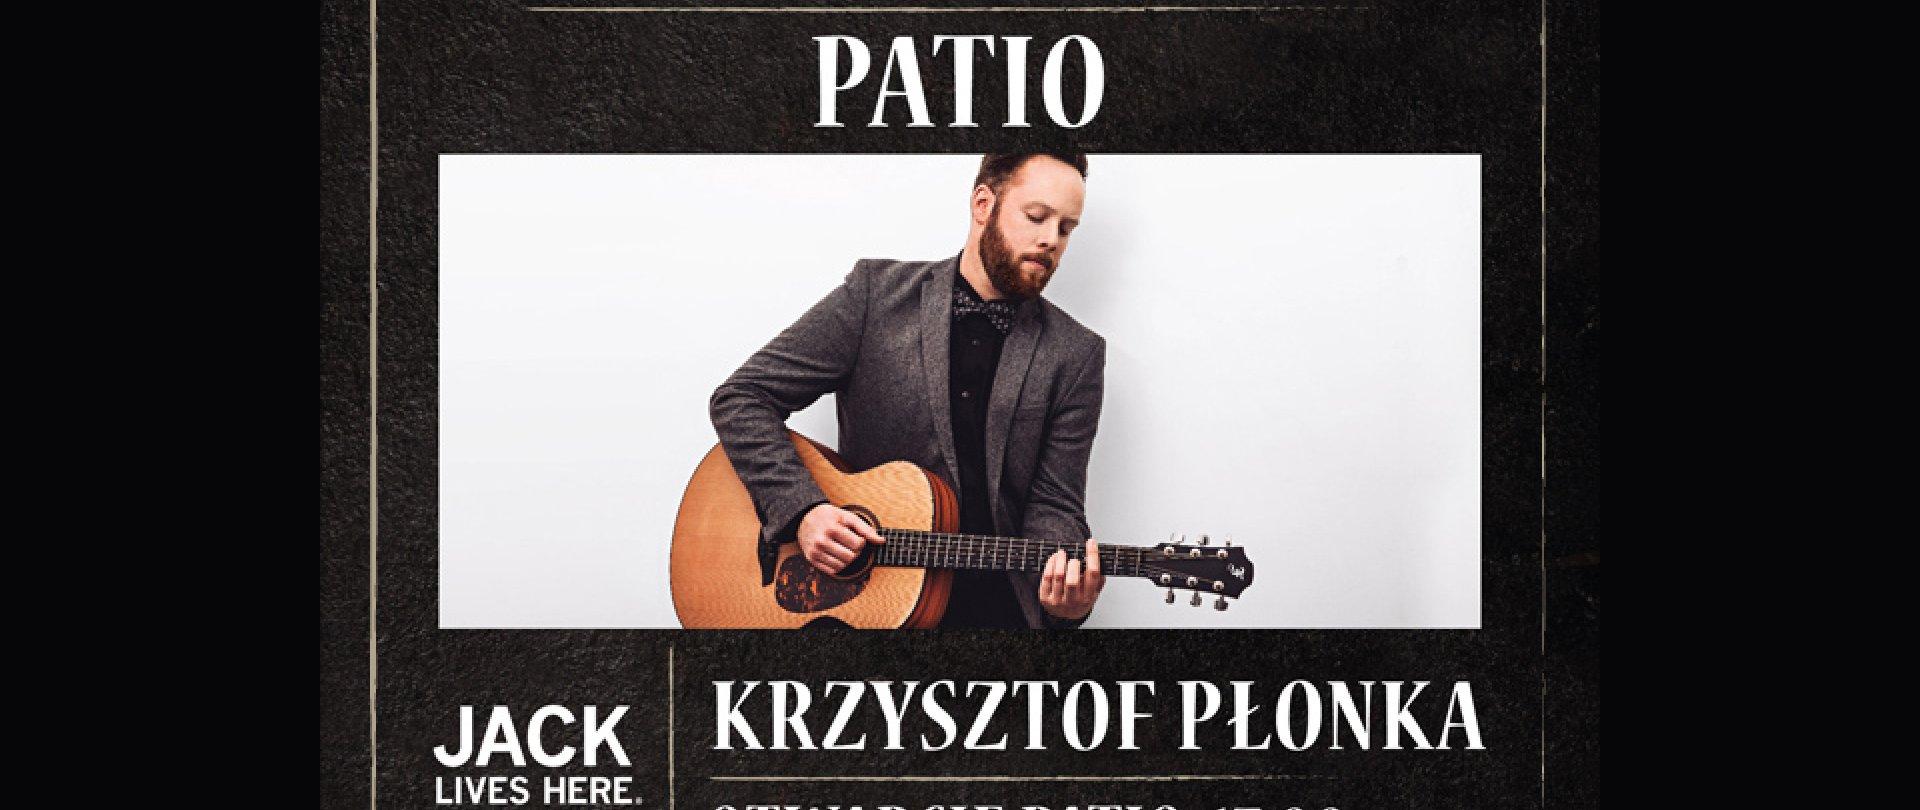 Krzysztof Płonka - JLH Patio Lord Jack